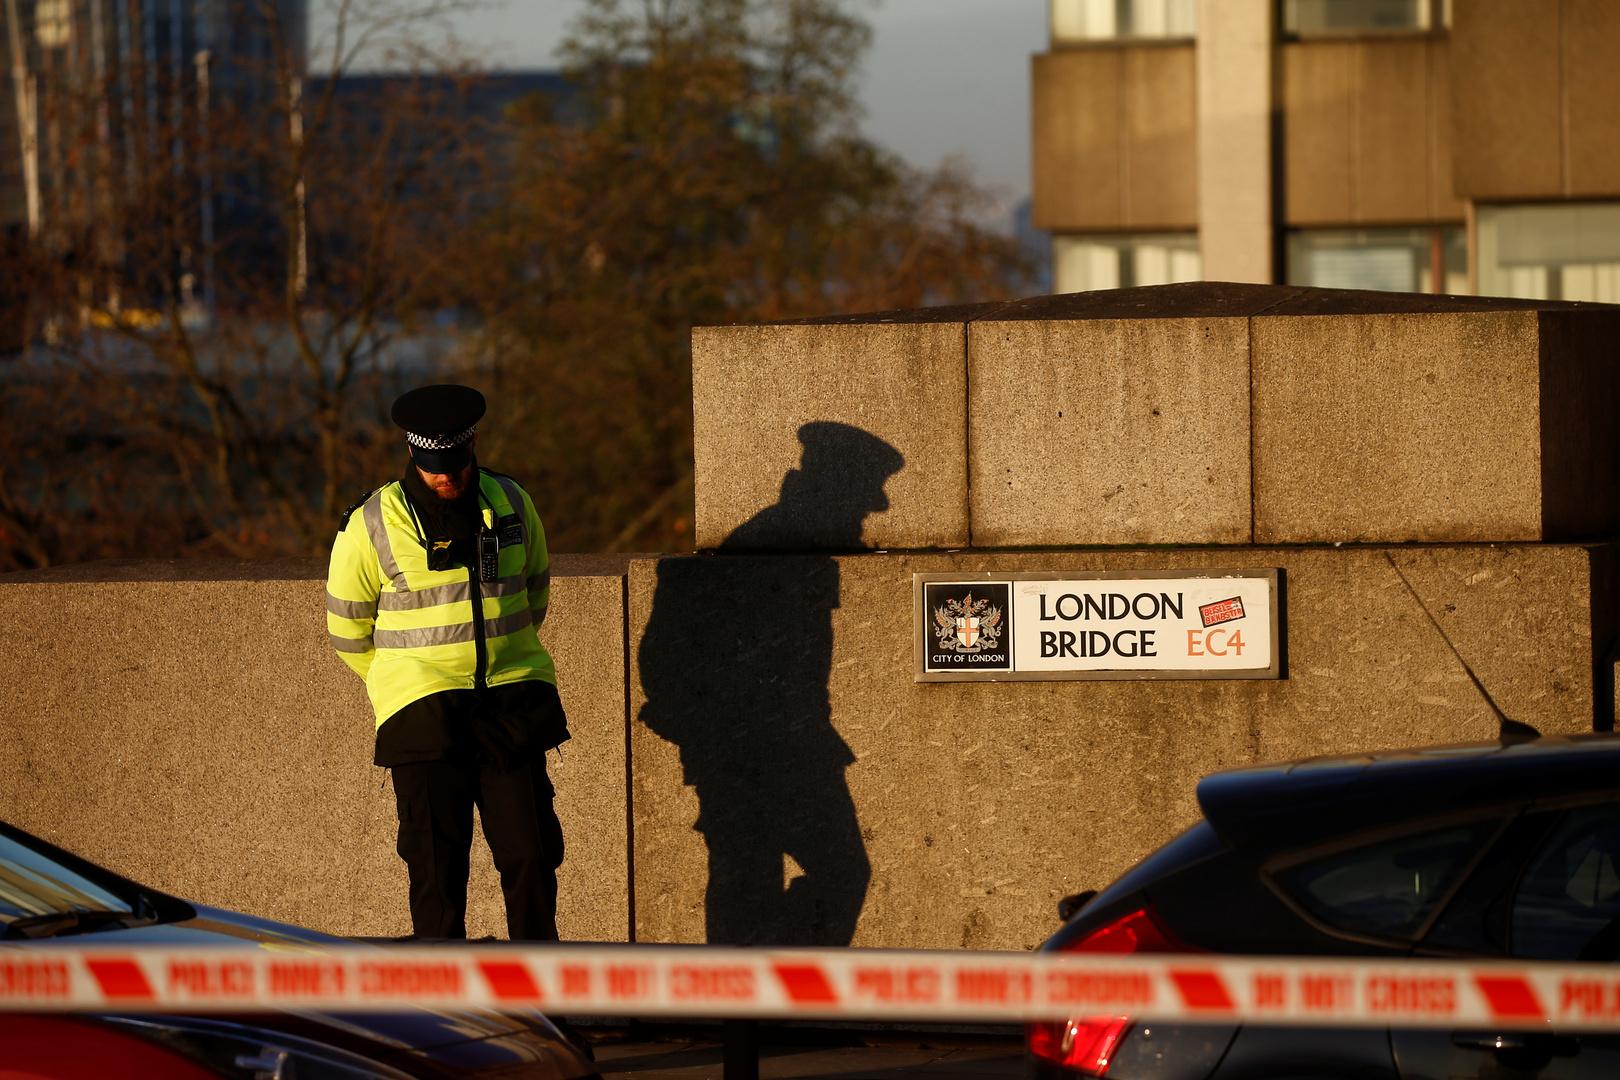 تحقيق قضائي بريطاني: إخفاقات للأجهزة الأمنية وراء هجوم جسر لندن